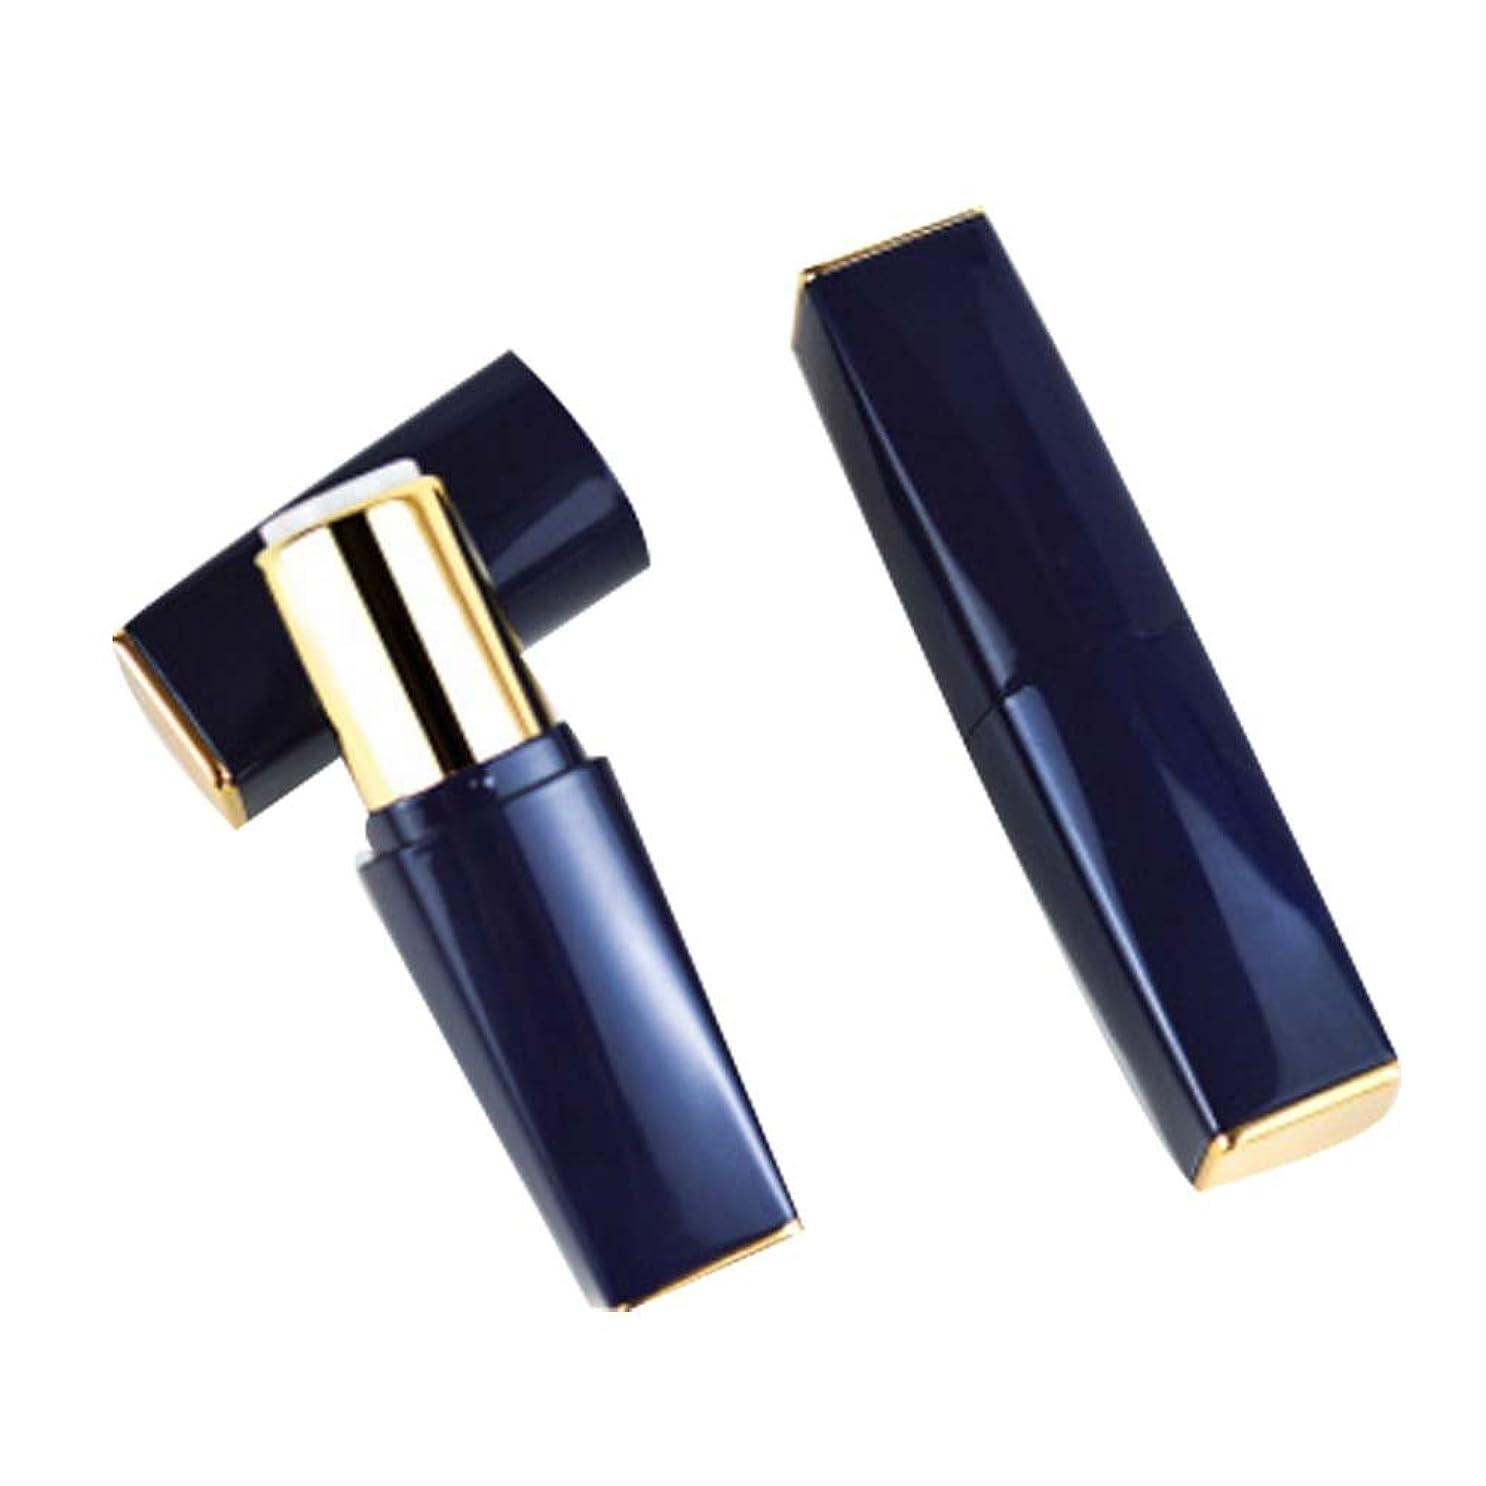 リップ入学する膜[N] 化粧品のギフトDIYのリップスティックコンテナ2つの空のリップグロスチューブの空のセット